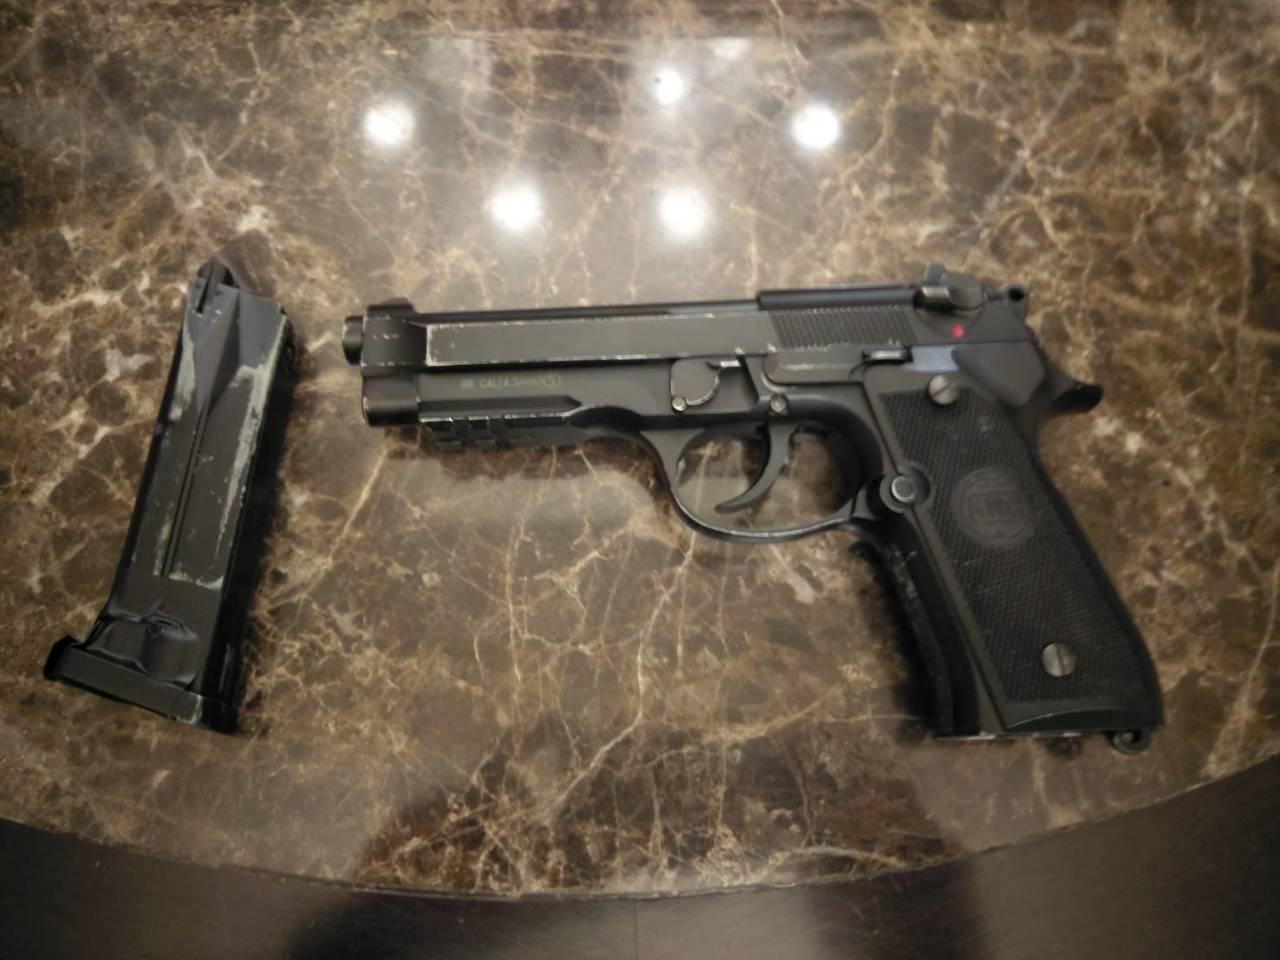 警方于芦竹区起获犯案空气枪1把。记者高宇震/翻摄